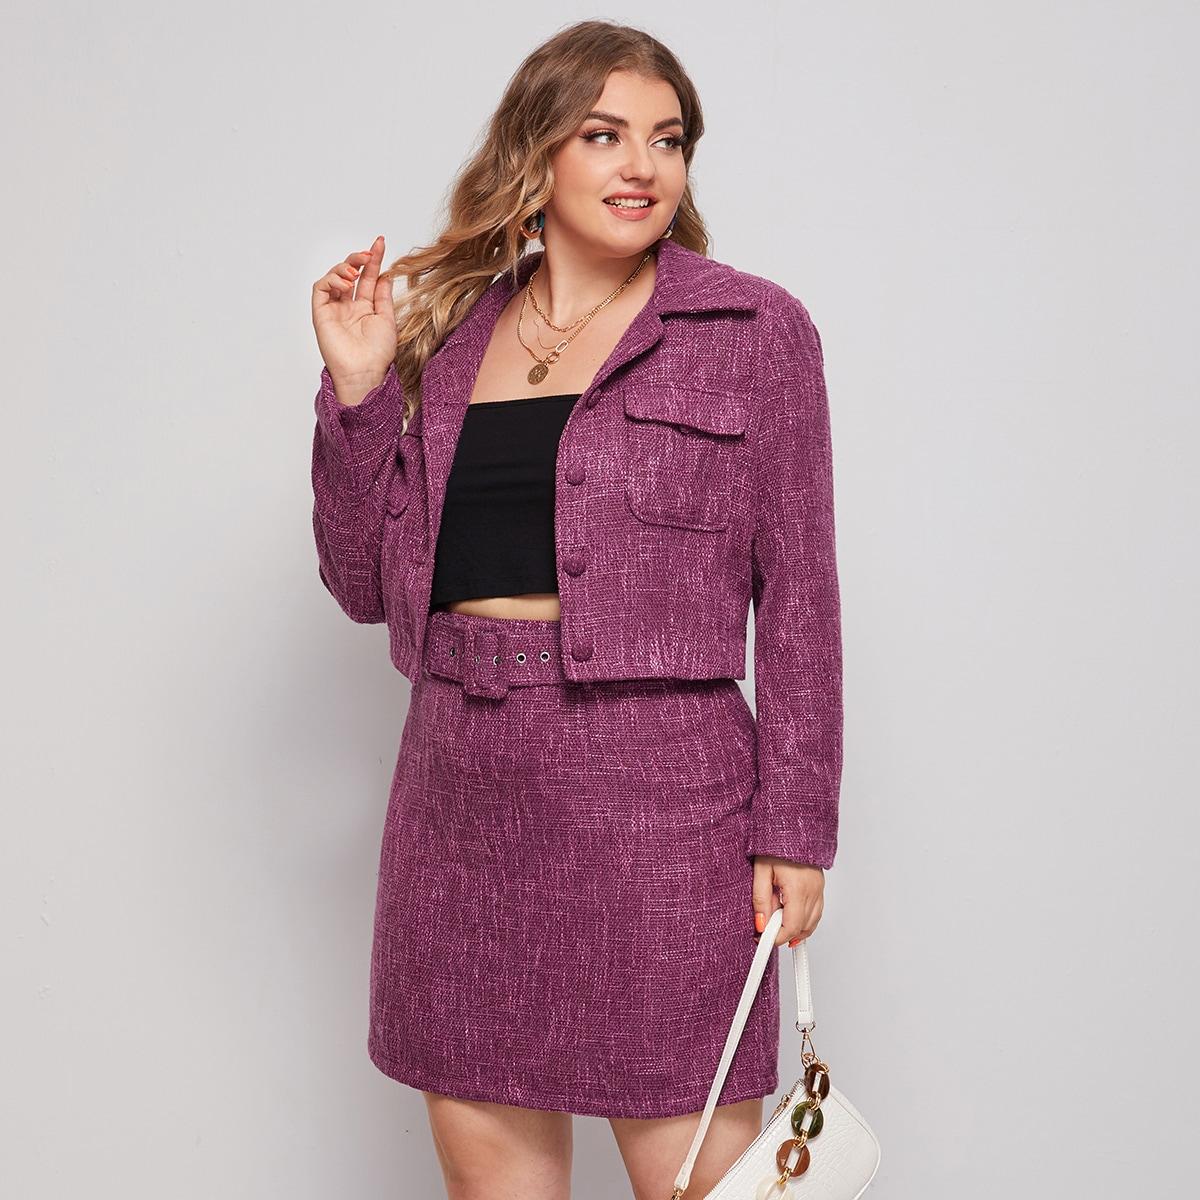 Твидовая куртка с карманом и юбка с поясом размера плюс